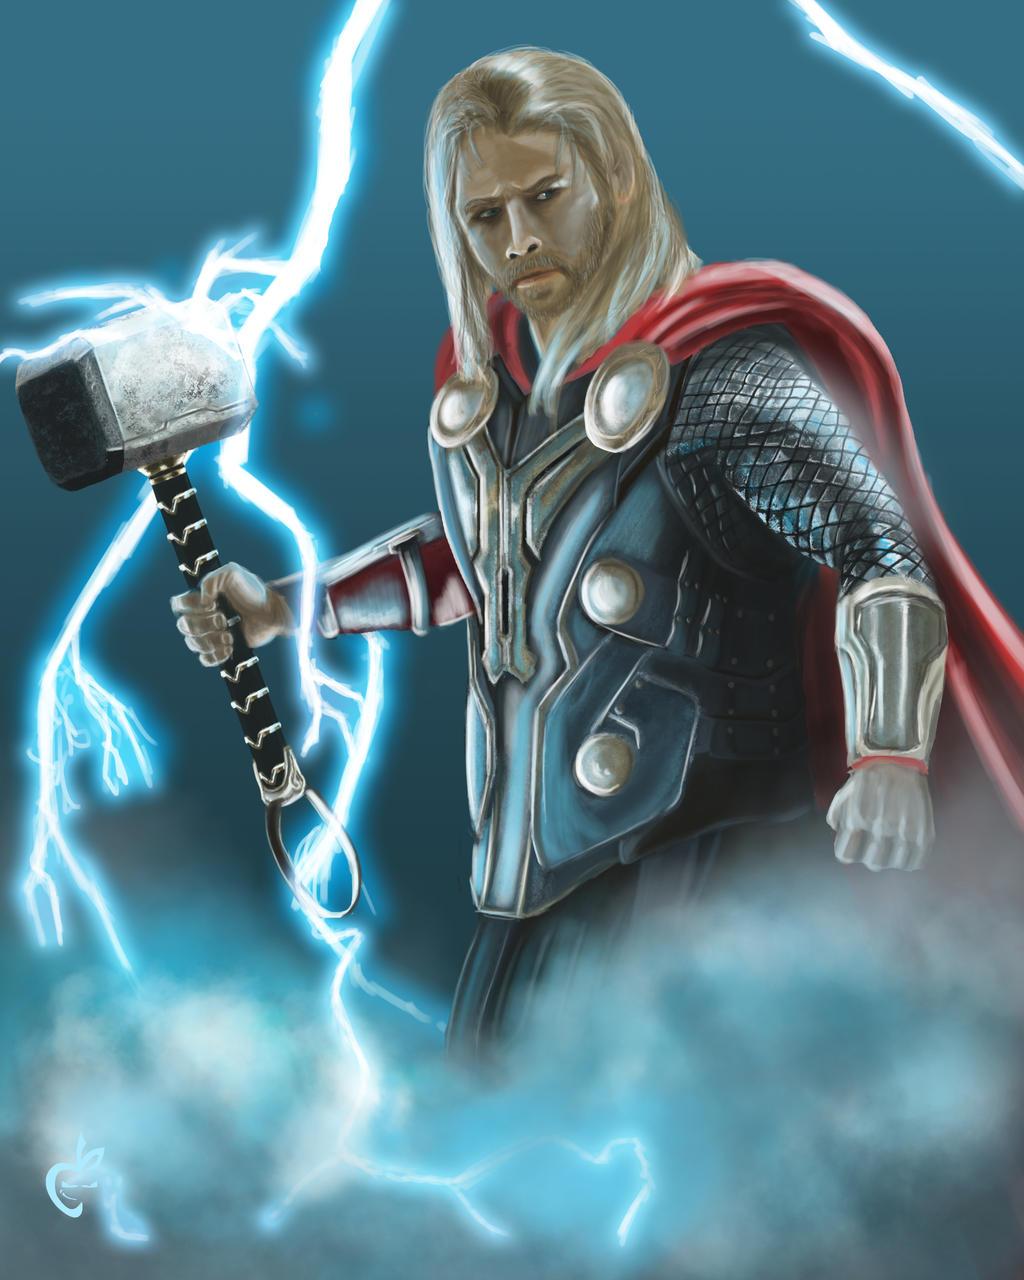 artwork gods lightning marvel - photo #32